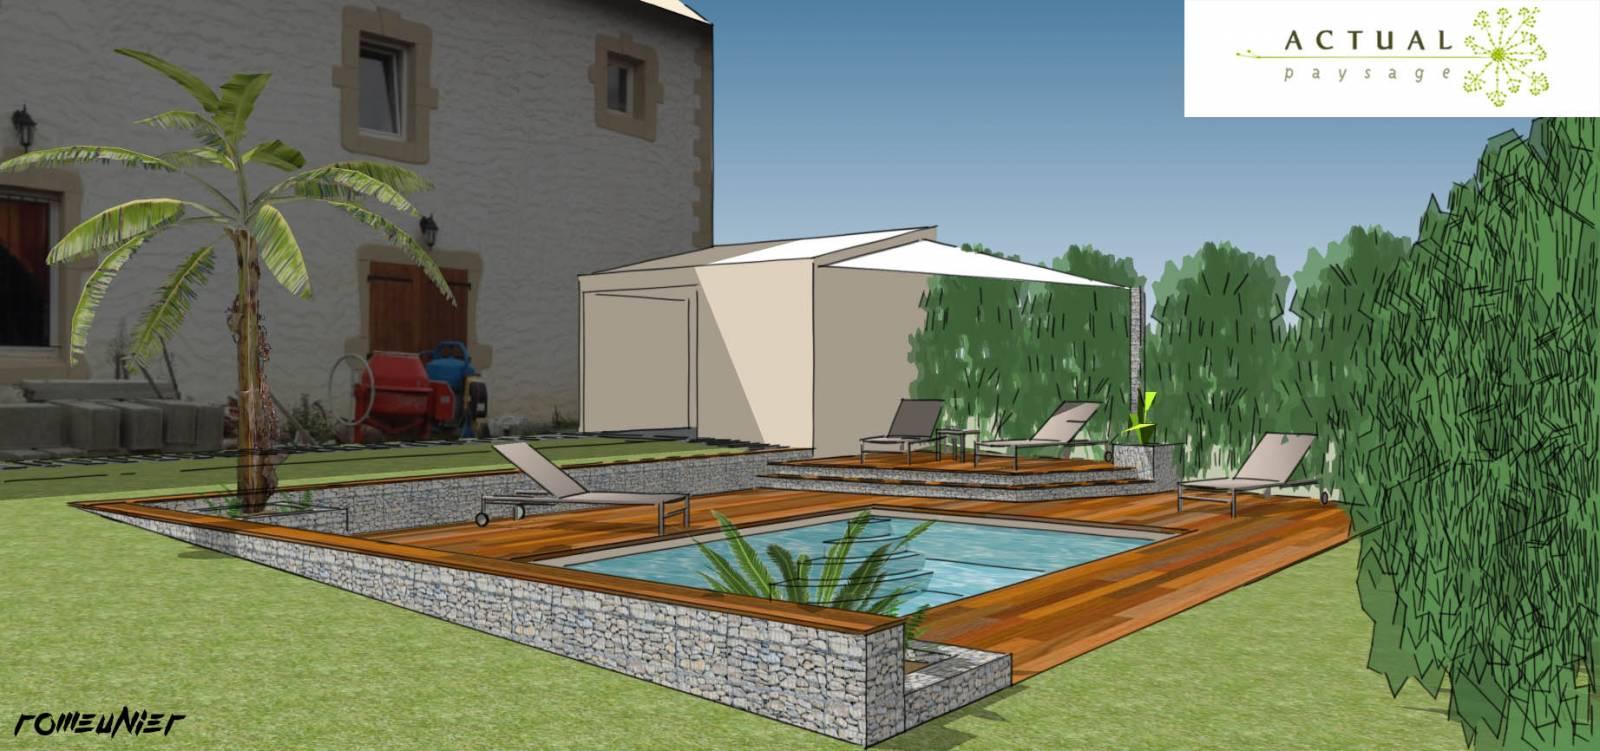 100 Génial Suggestions Concepteur De Jardin En 3D